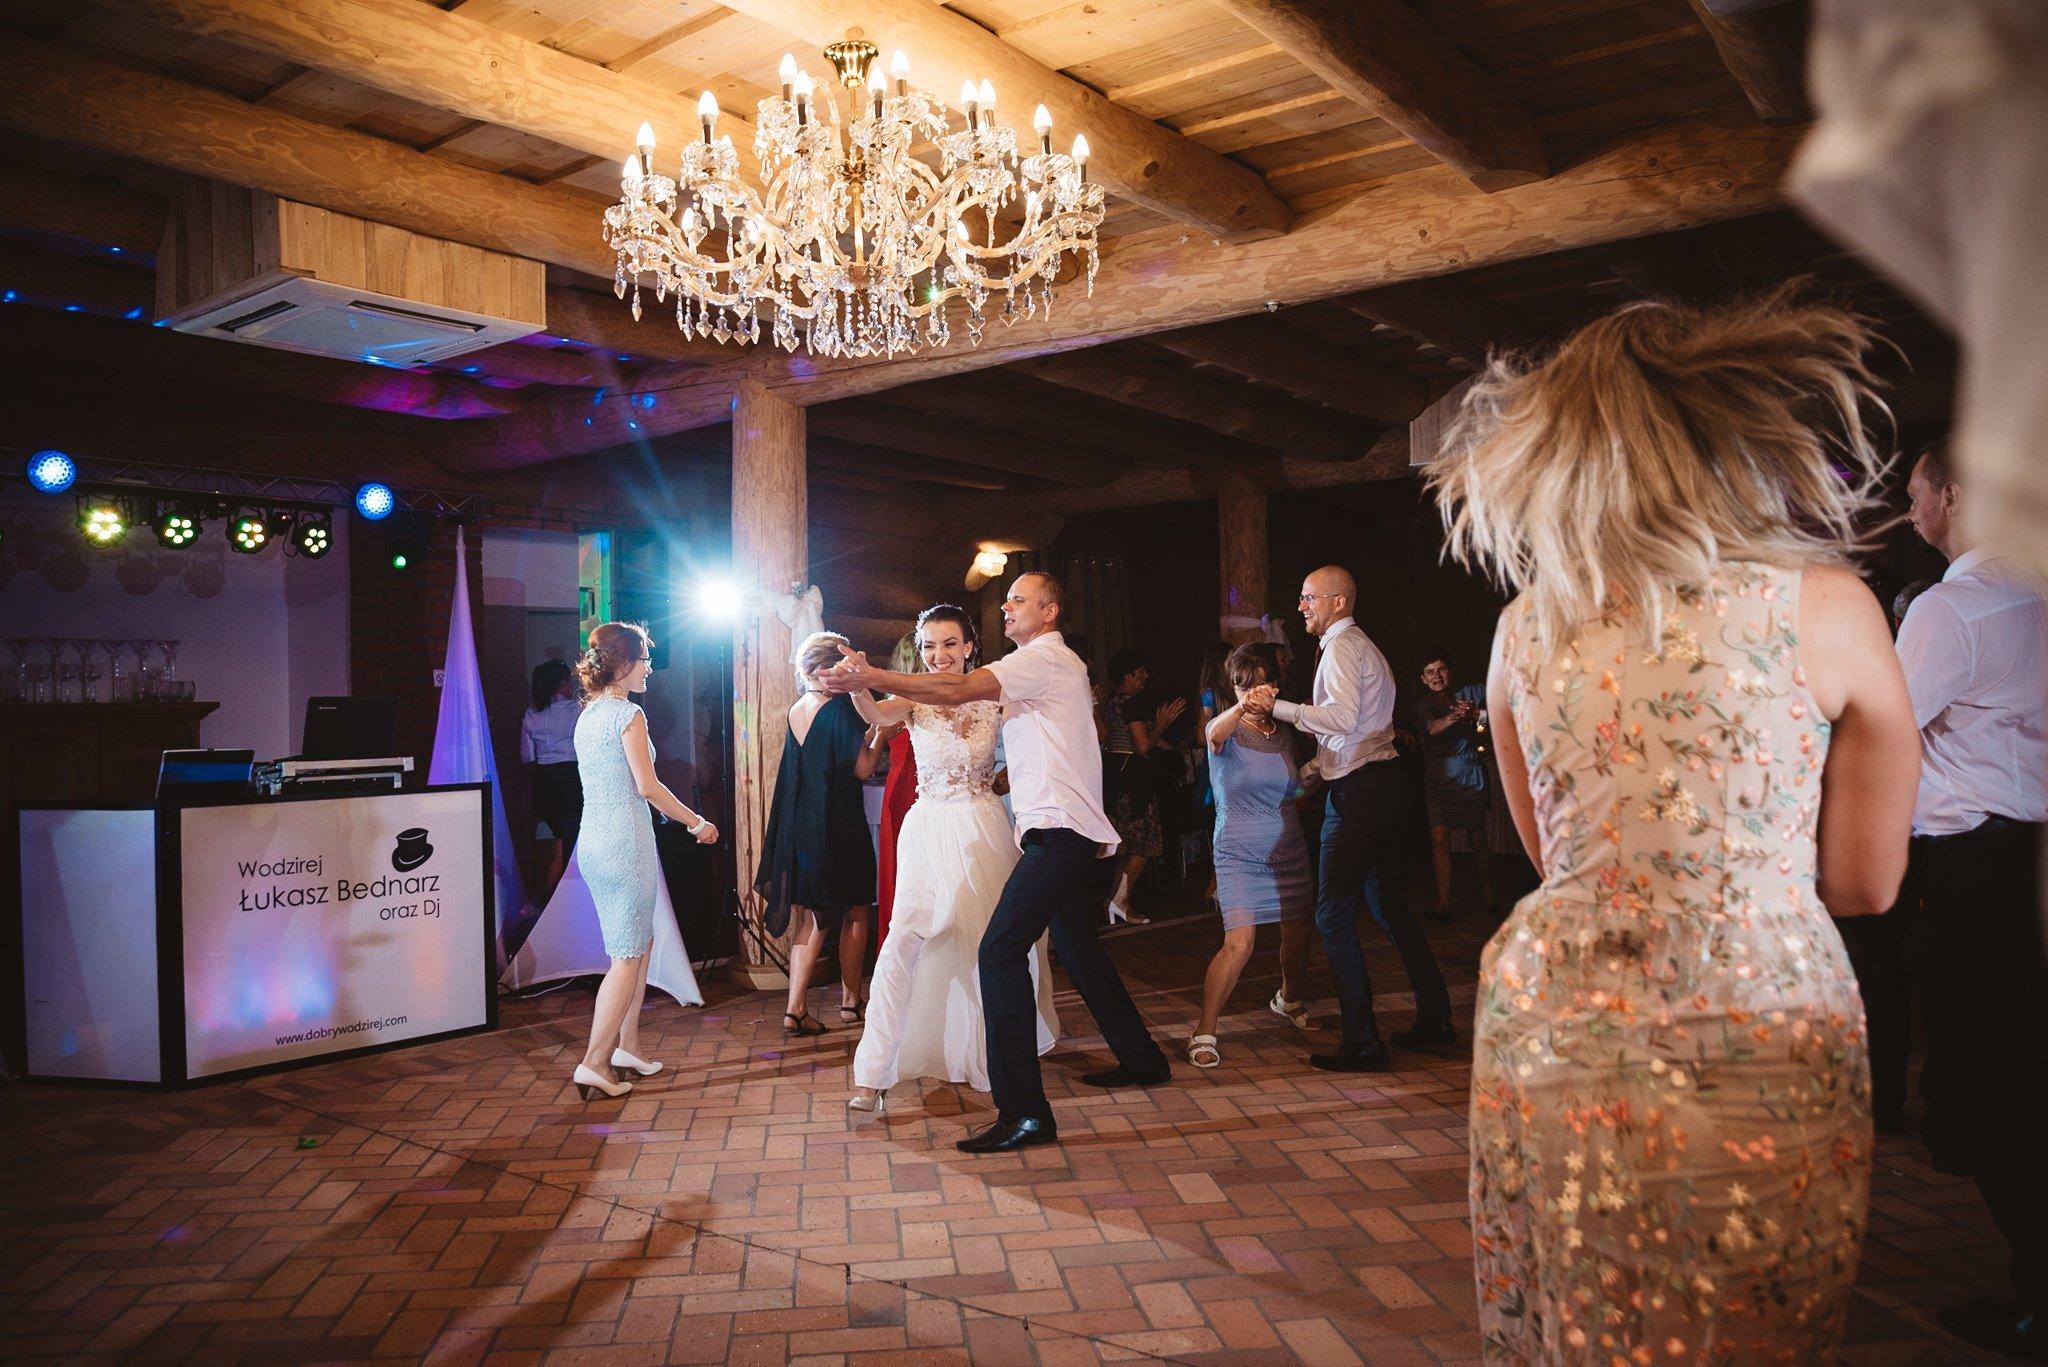 Ala i Arek, czyli jak zorganizować ślub i wesele w 4 tygodnie! 278